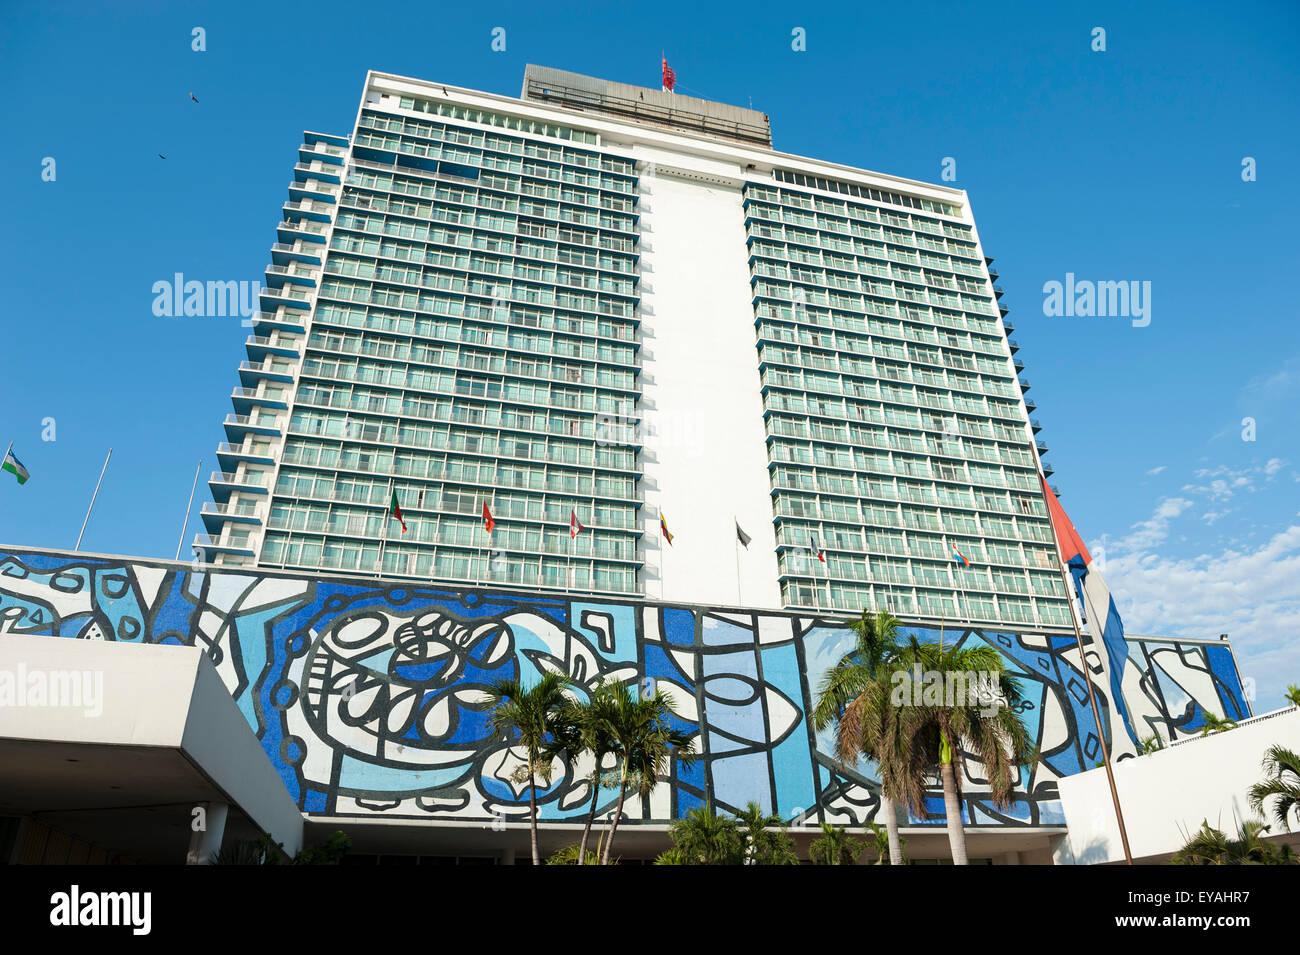 La HAVANE, CUBA - Juin 2011: l'extérieur de l'hôtel Tryp Habana Libre Vedado dispose d'une Photo Stock